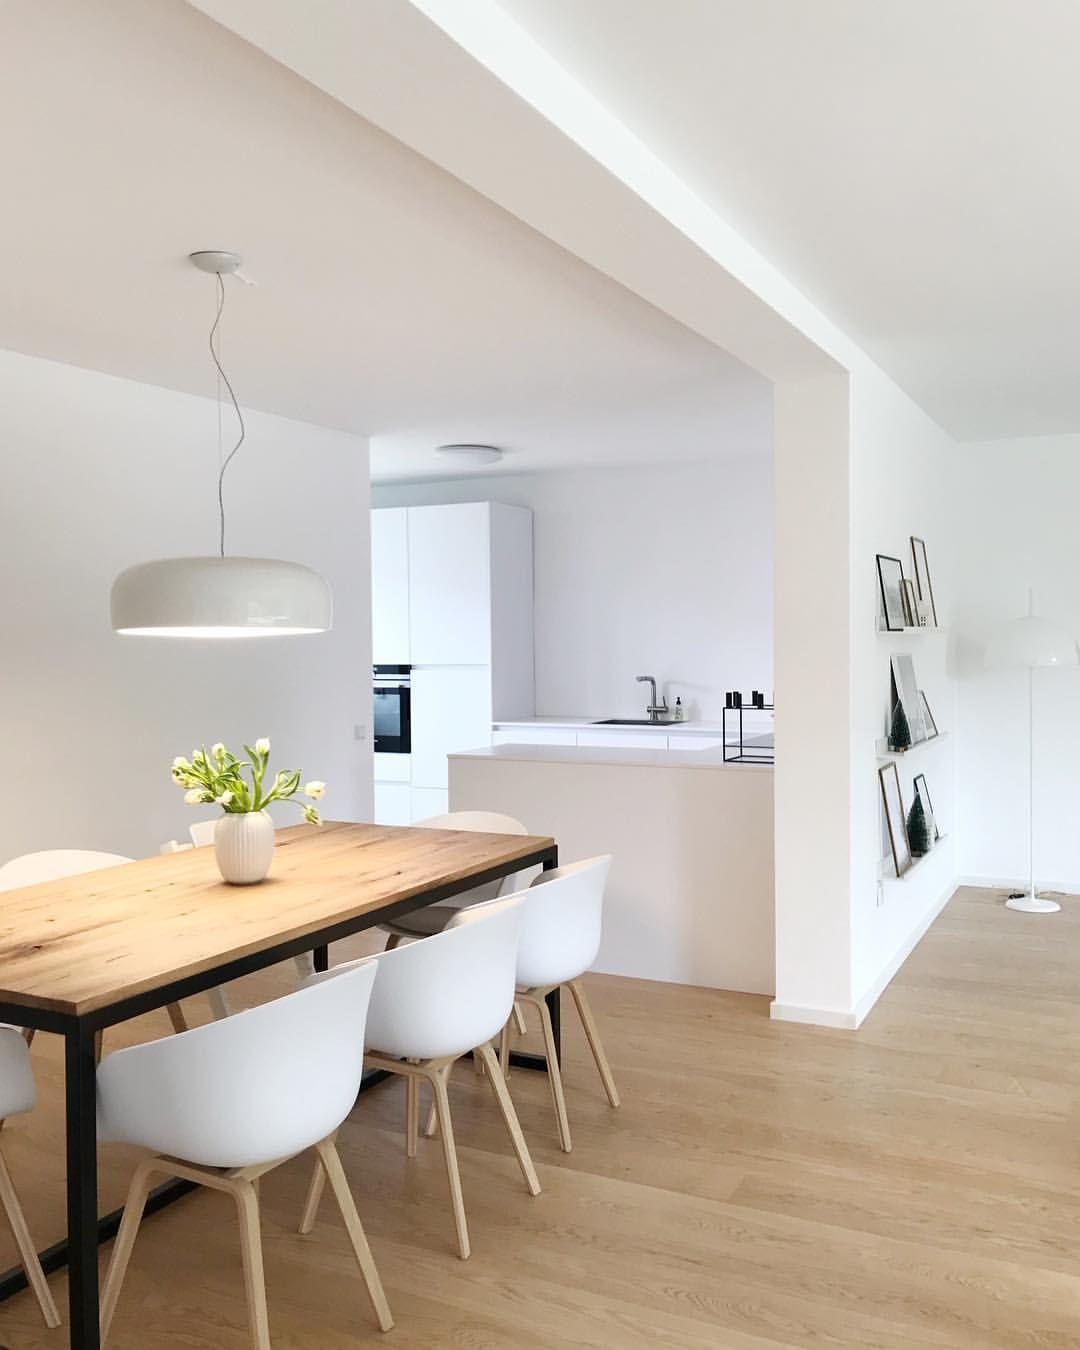 Offene Küche Mit Wohnzimmer Klein